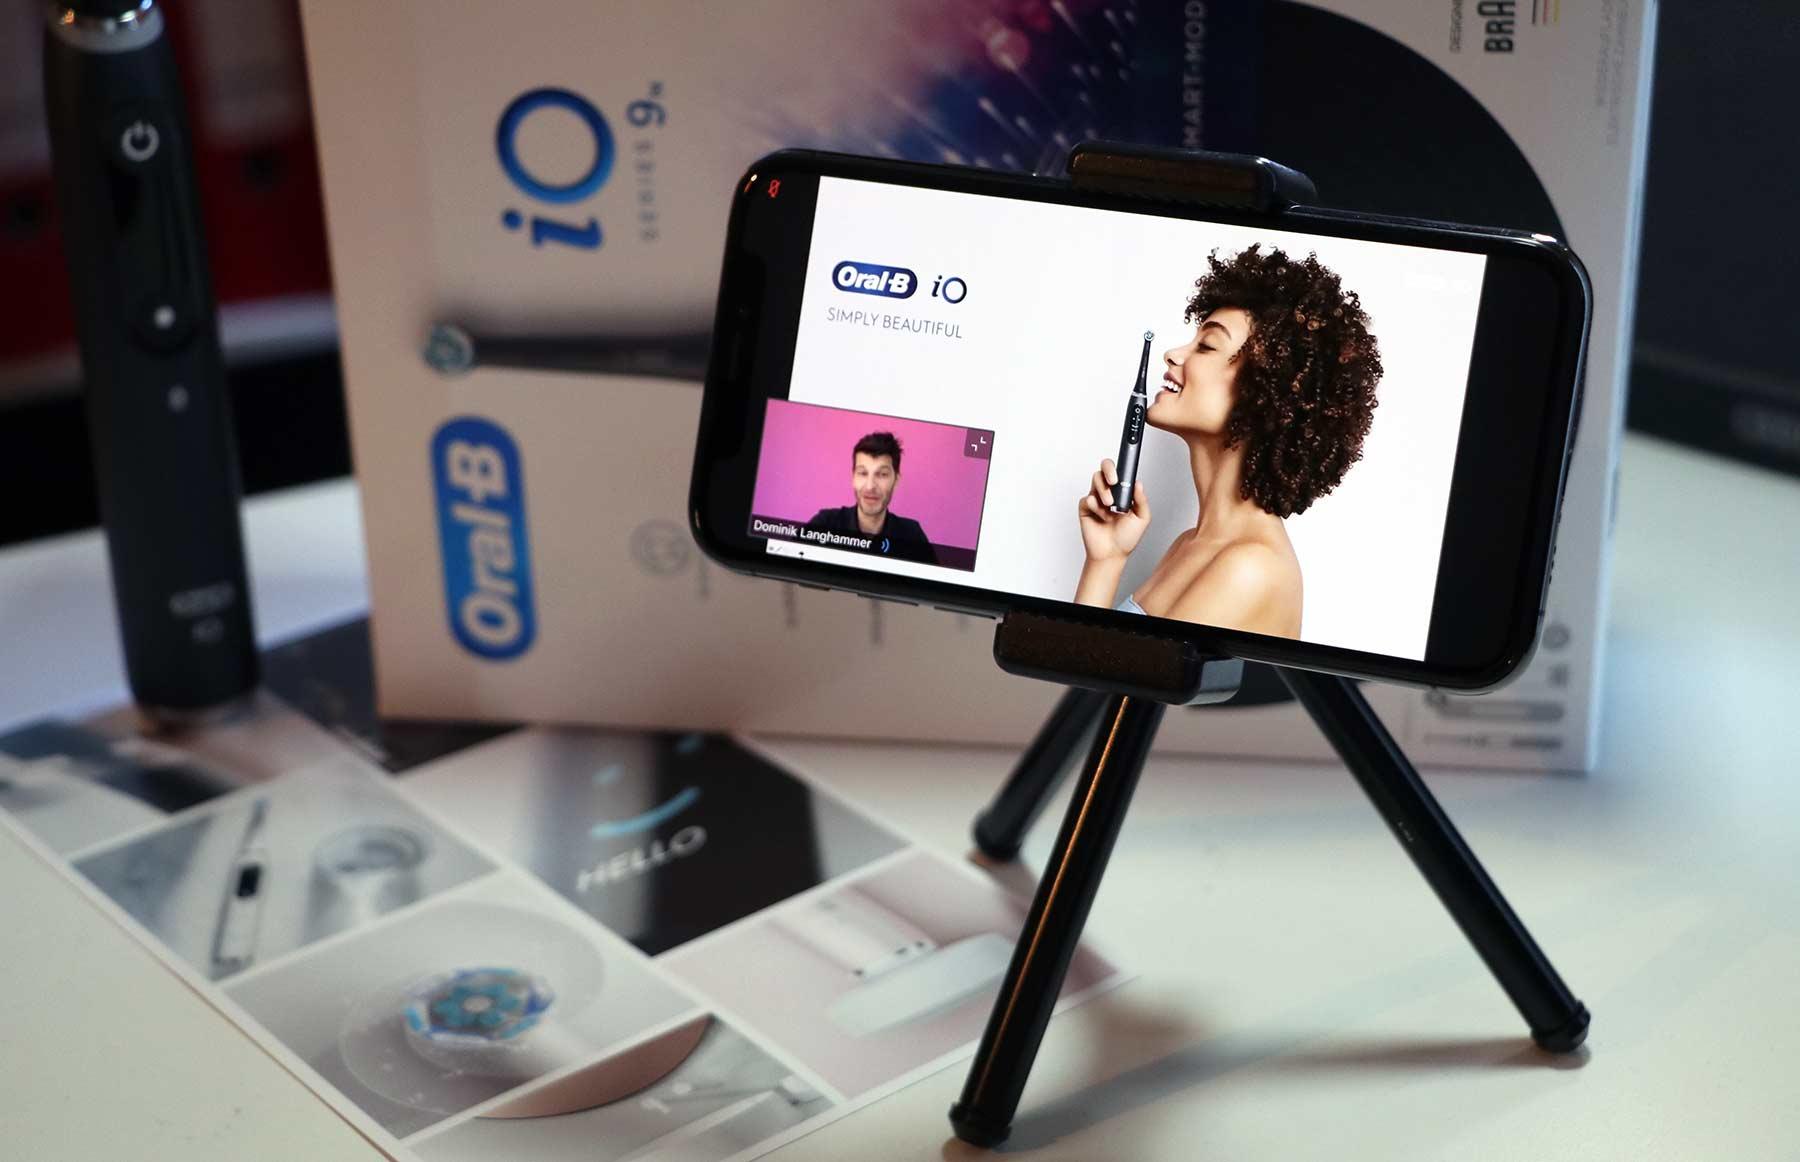 Testbericht: Oral-B iO Series 9 - elektrische Zahnbürste mit Magnettechnologie Oral-B_iO-Zahnbuerste-Testbericht_02